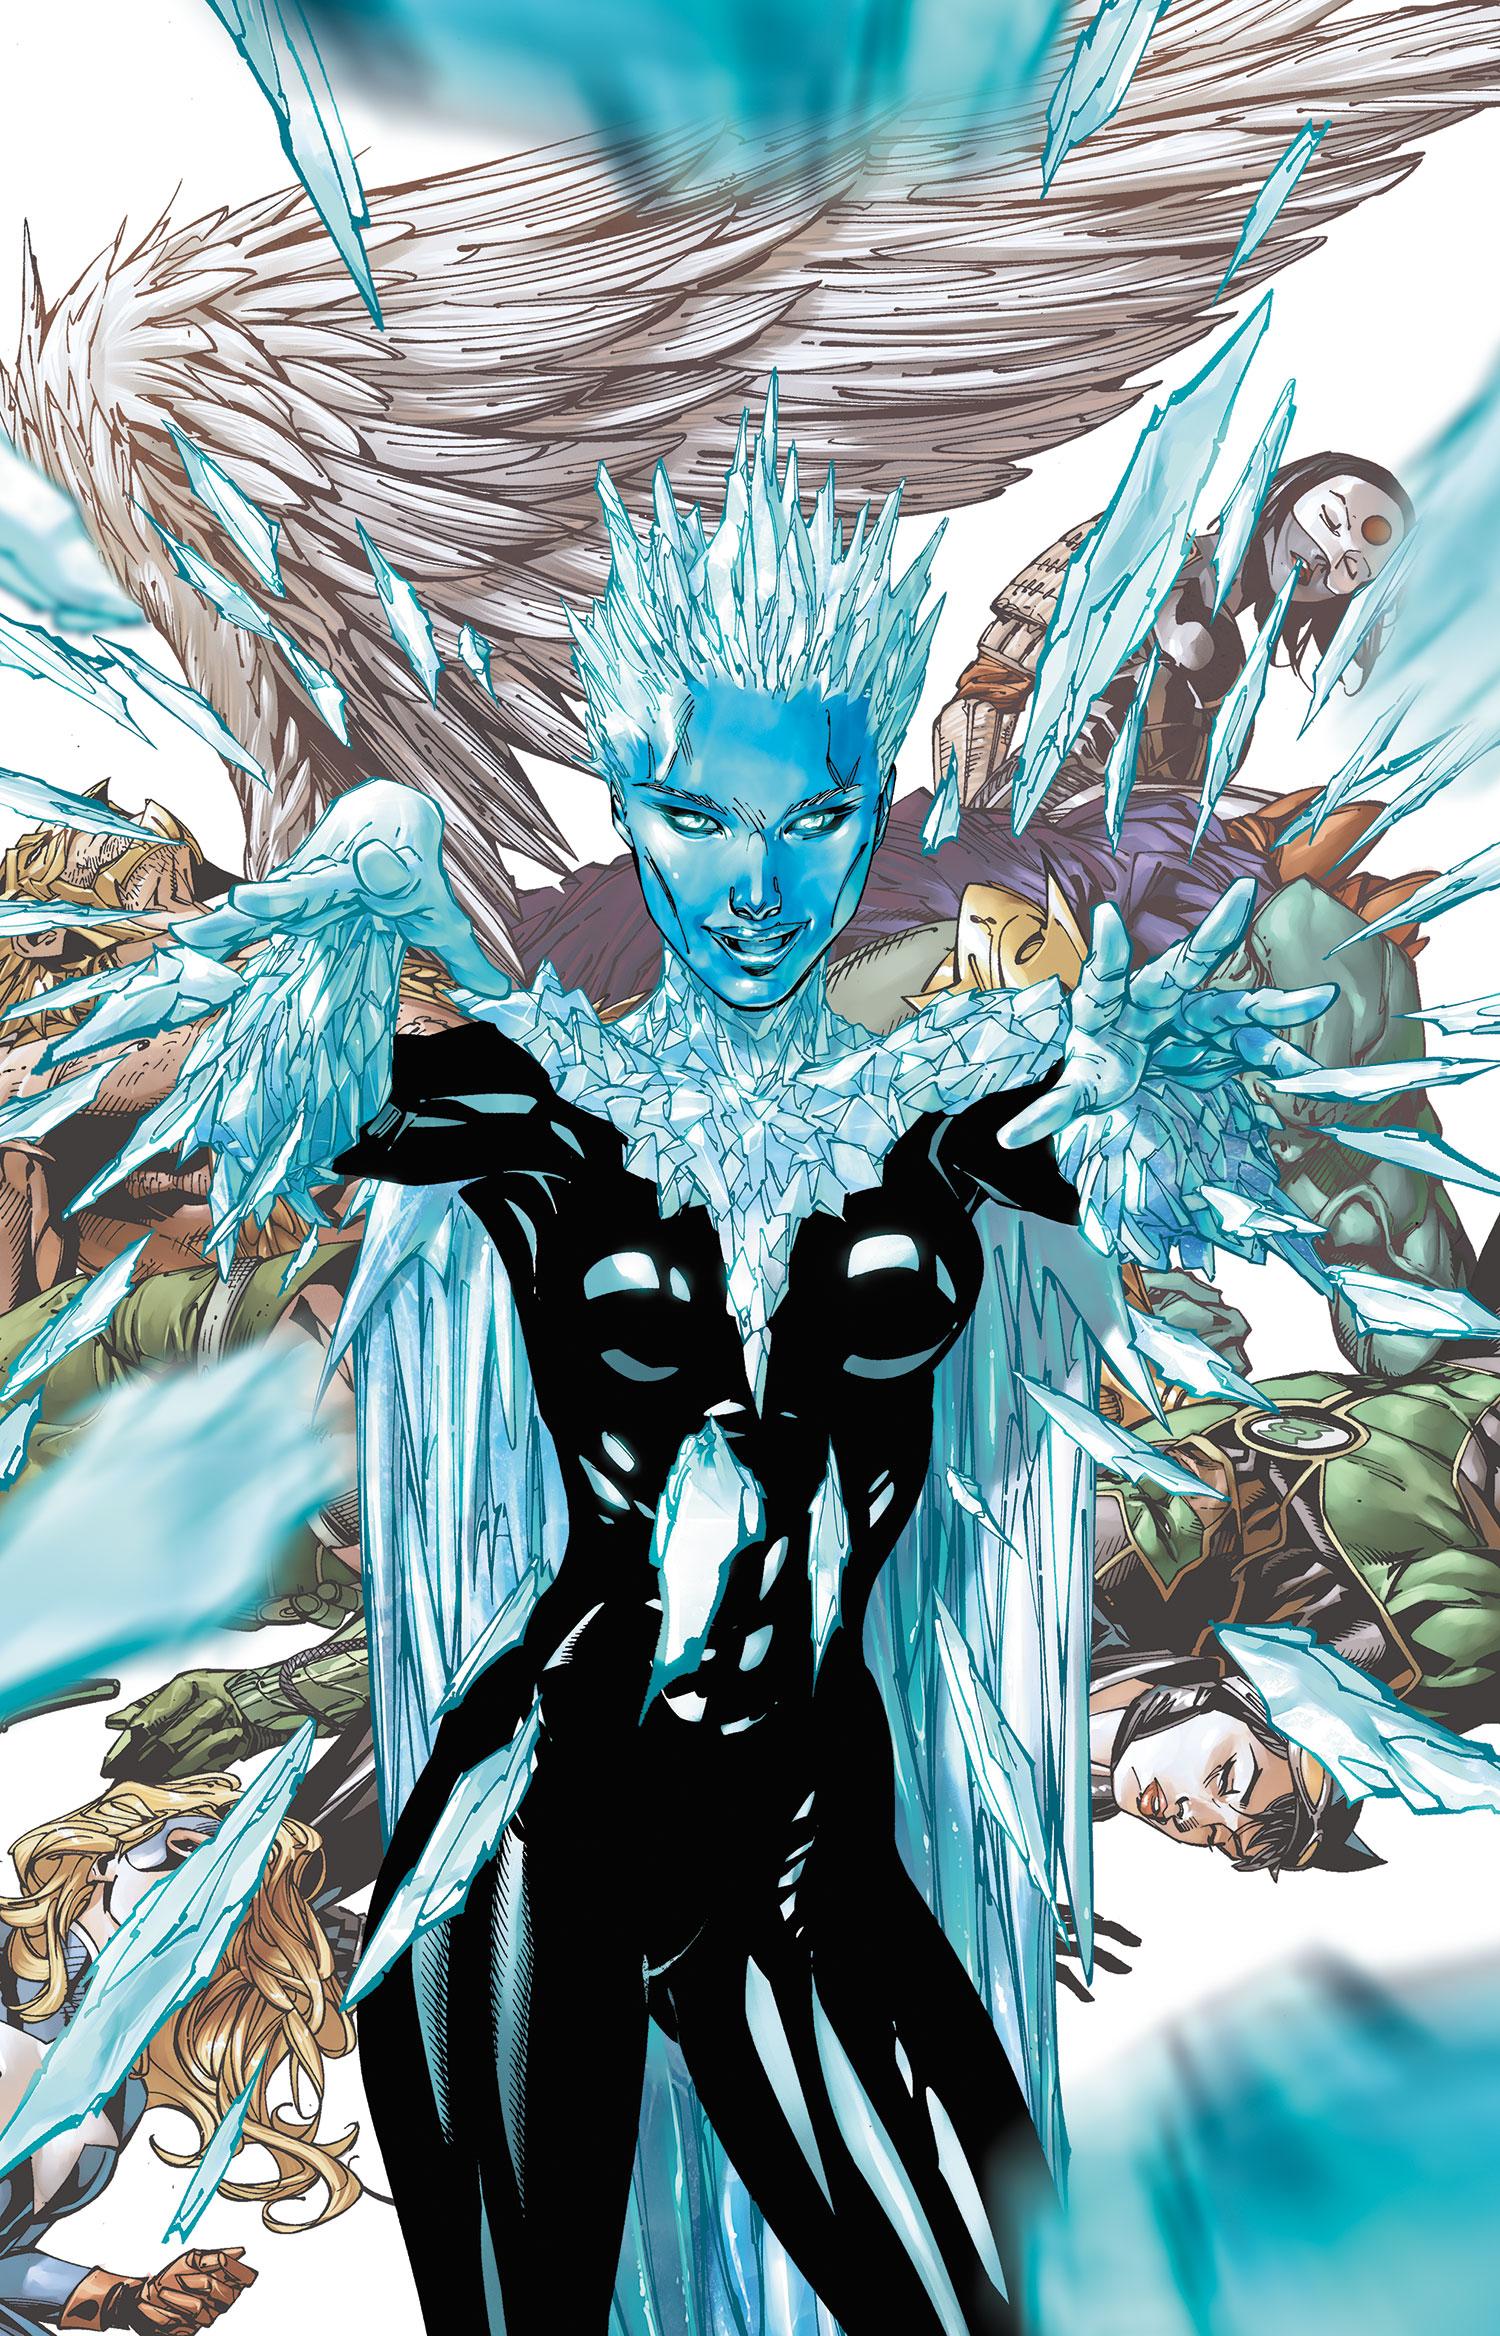 Tournoi des Personnages Préférés DC Comics (on vote pour nos persos préférés, on ne se base pas sur la force) - Page 6 Justice_League_of_America_Vol_3_7.2_Killer_Frost_Textless